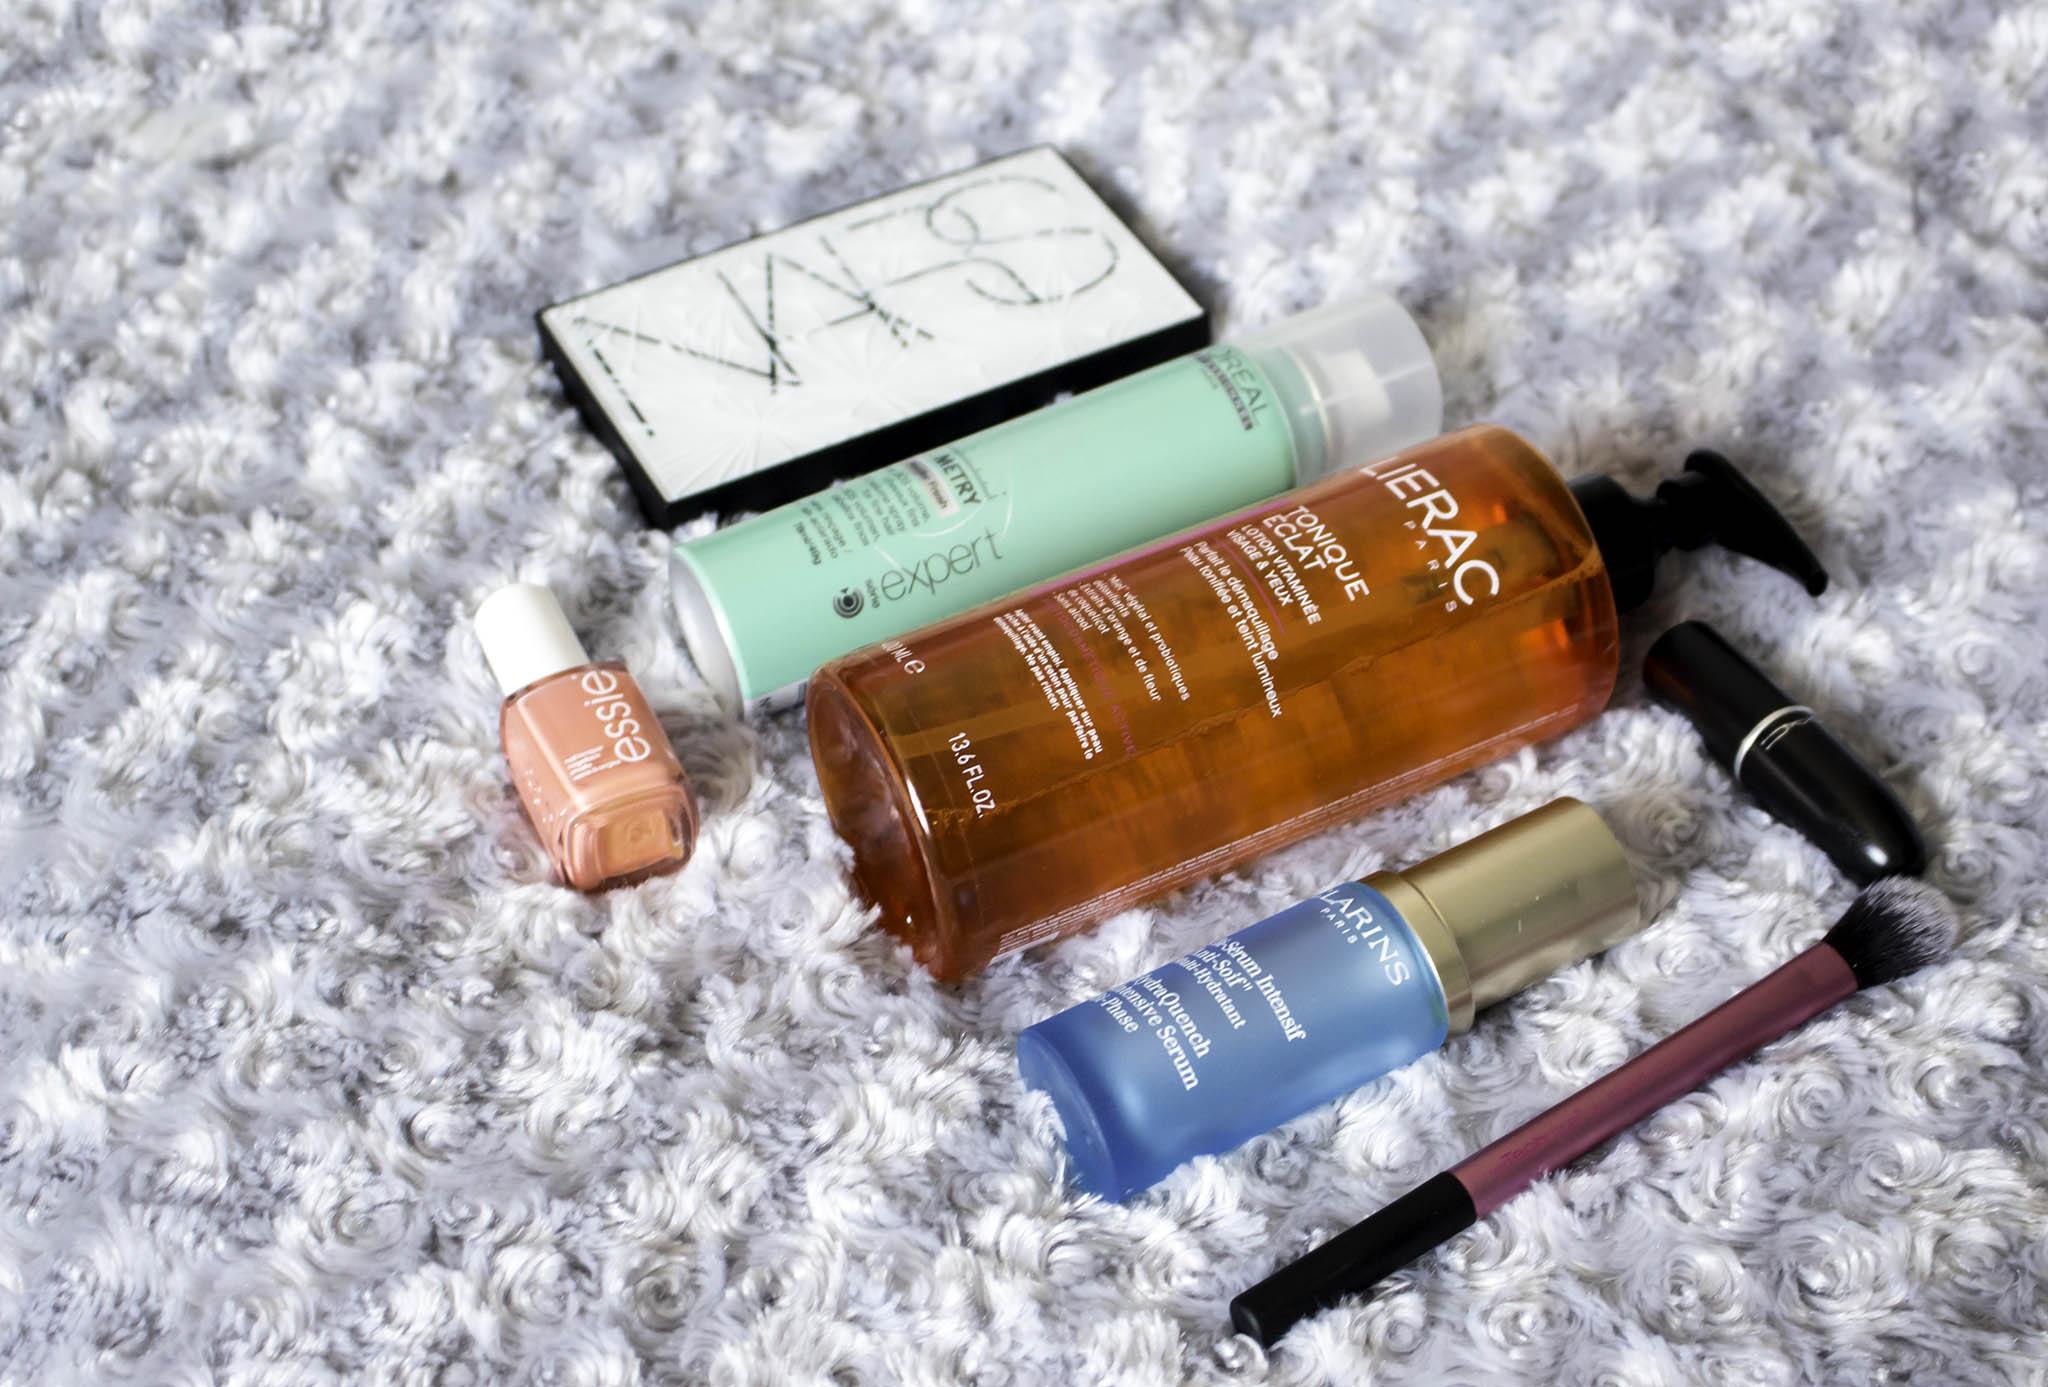 Les favoris du mois : Liérac, L'Oréal Professionnel, Essie, Nars, Clarins Real Techniques et MAC...